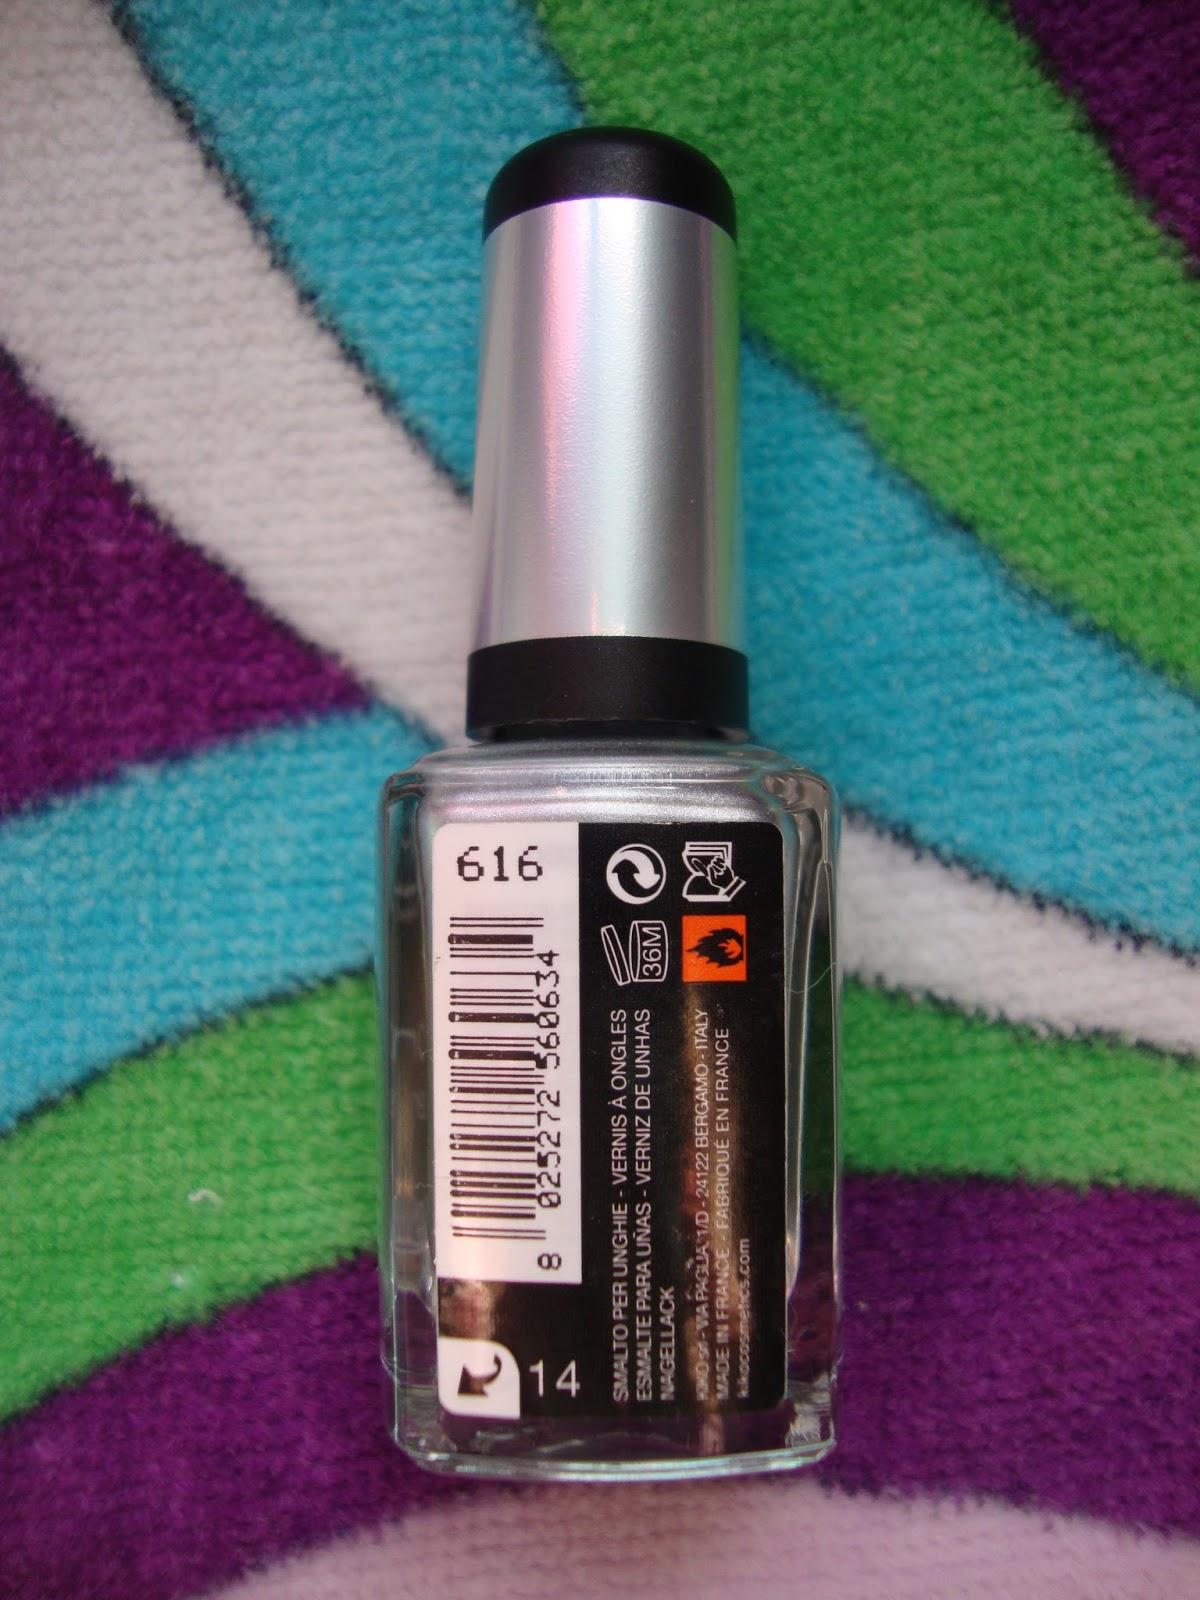 El hada azul kiko esmalte de u as mirror nail lacquer 616 - Pintaunas kiko efecto espejo ...